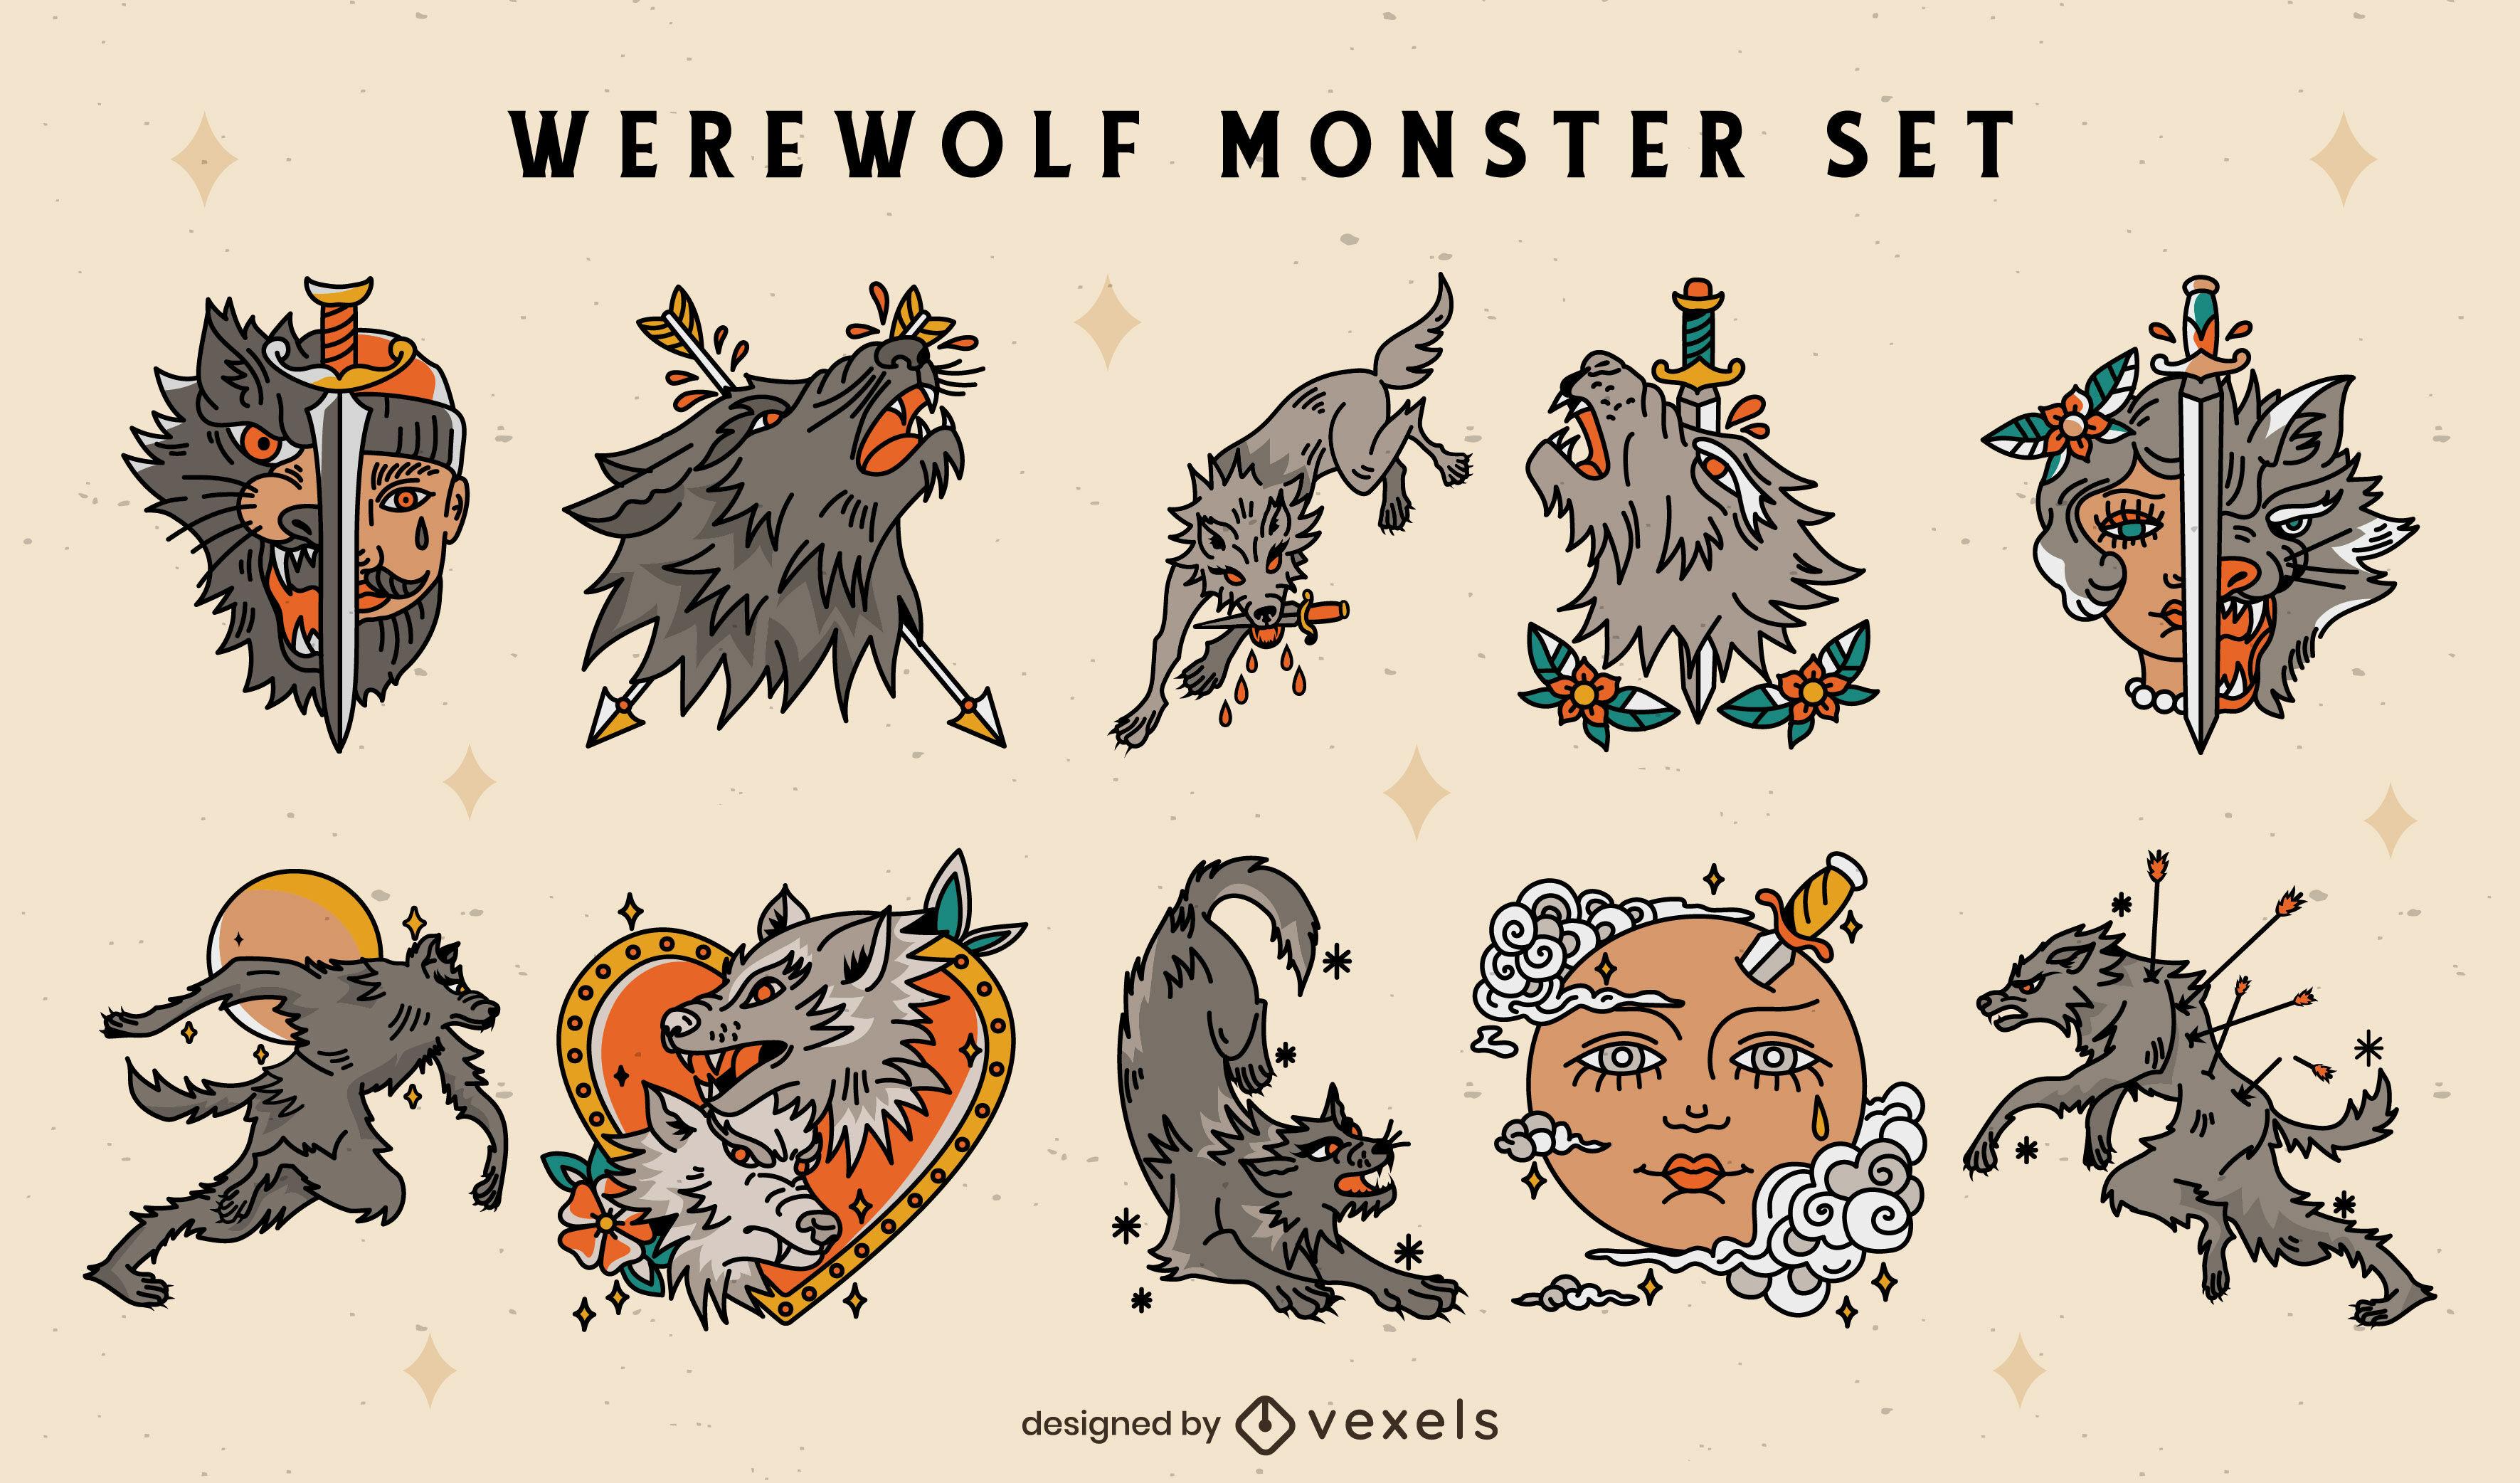 Werewolf monster character tattoo set